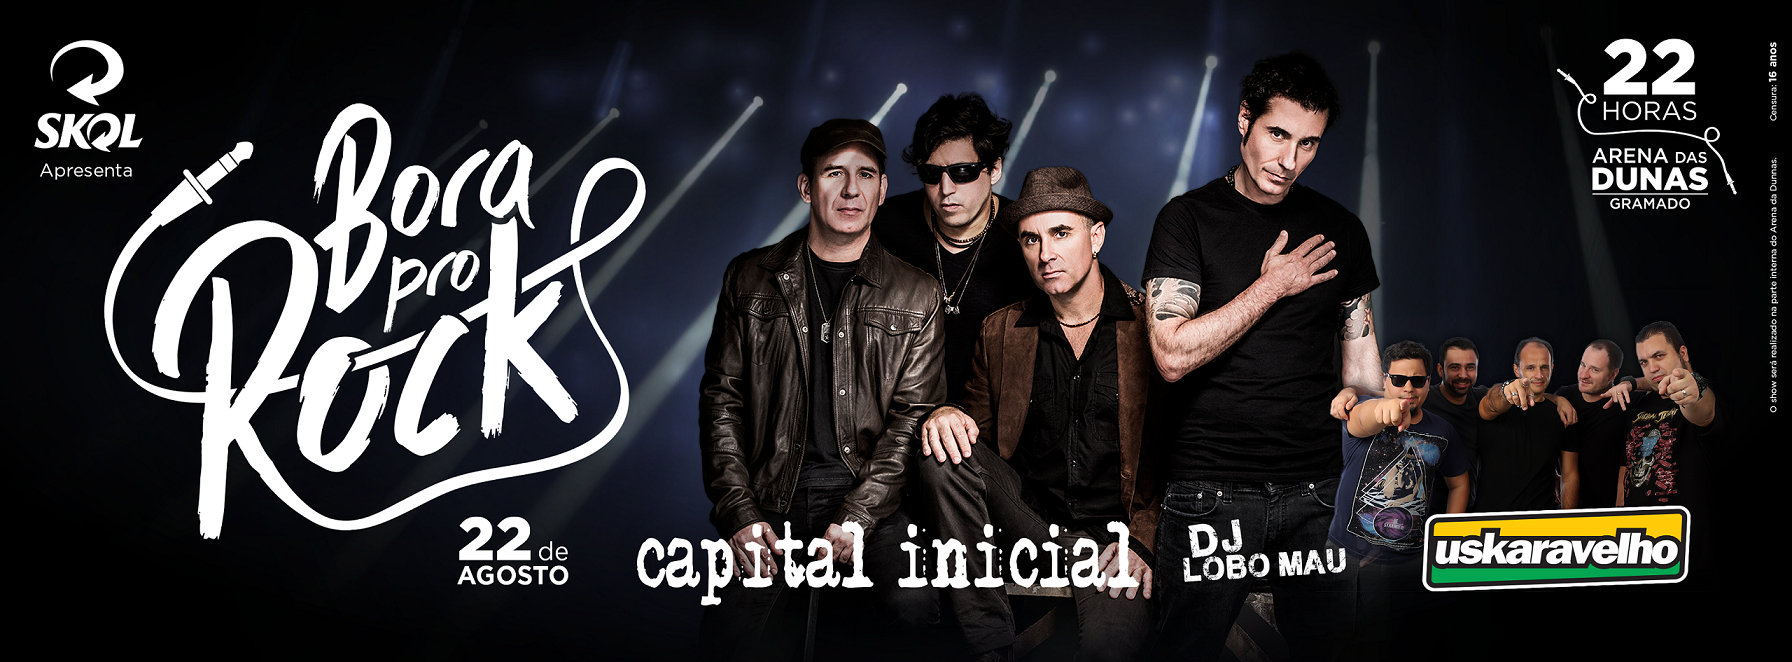 Capital Inicial agita o 'Bora pro Rock' neste sábado na Arena das Dunas